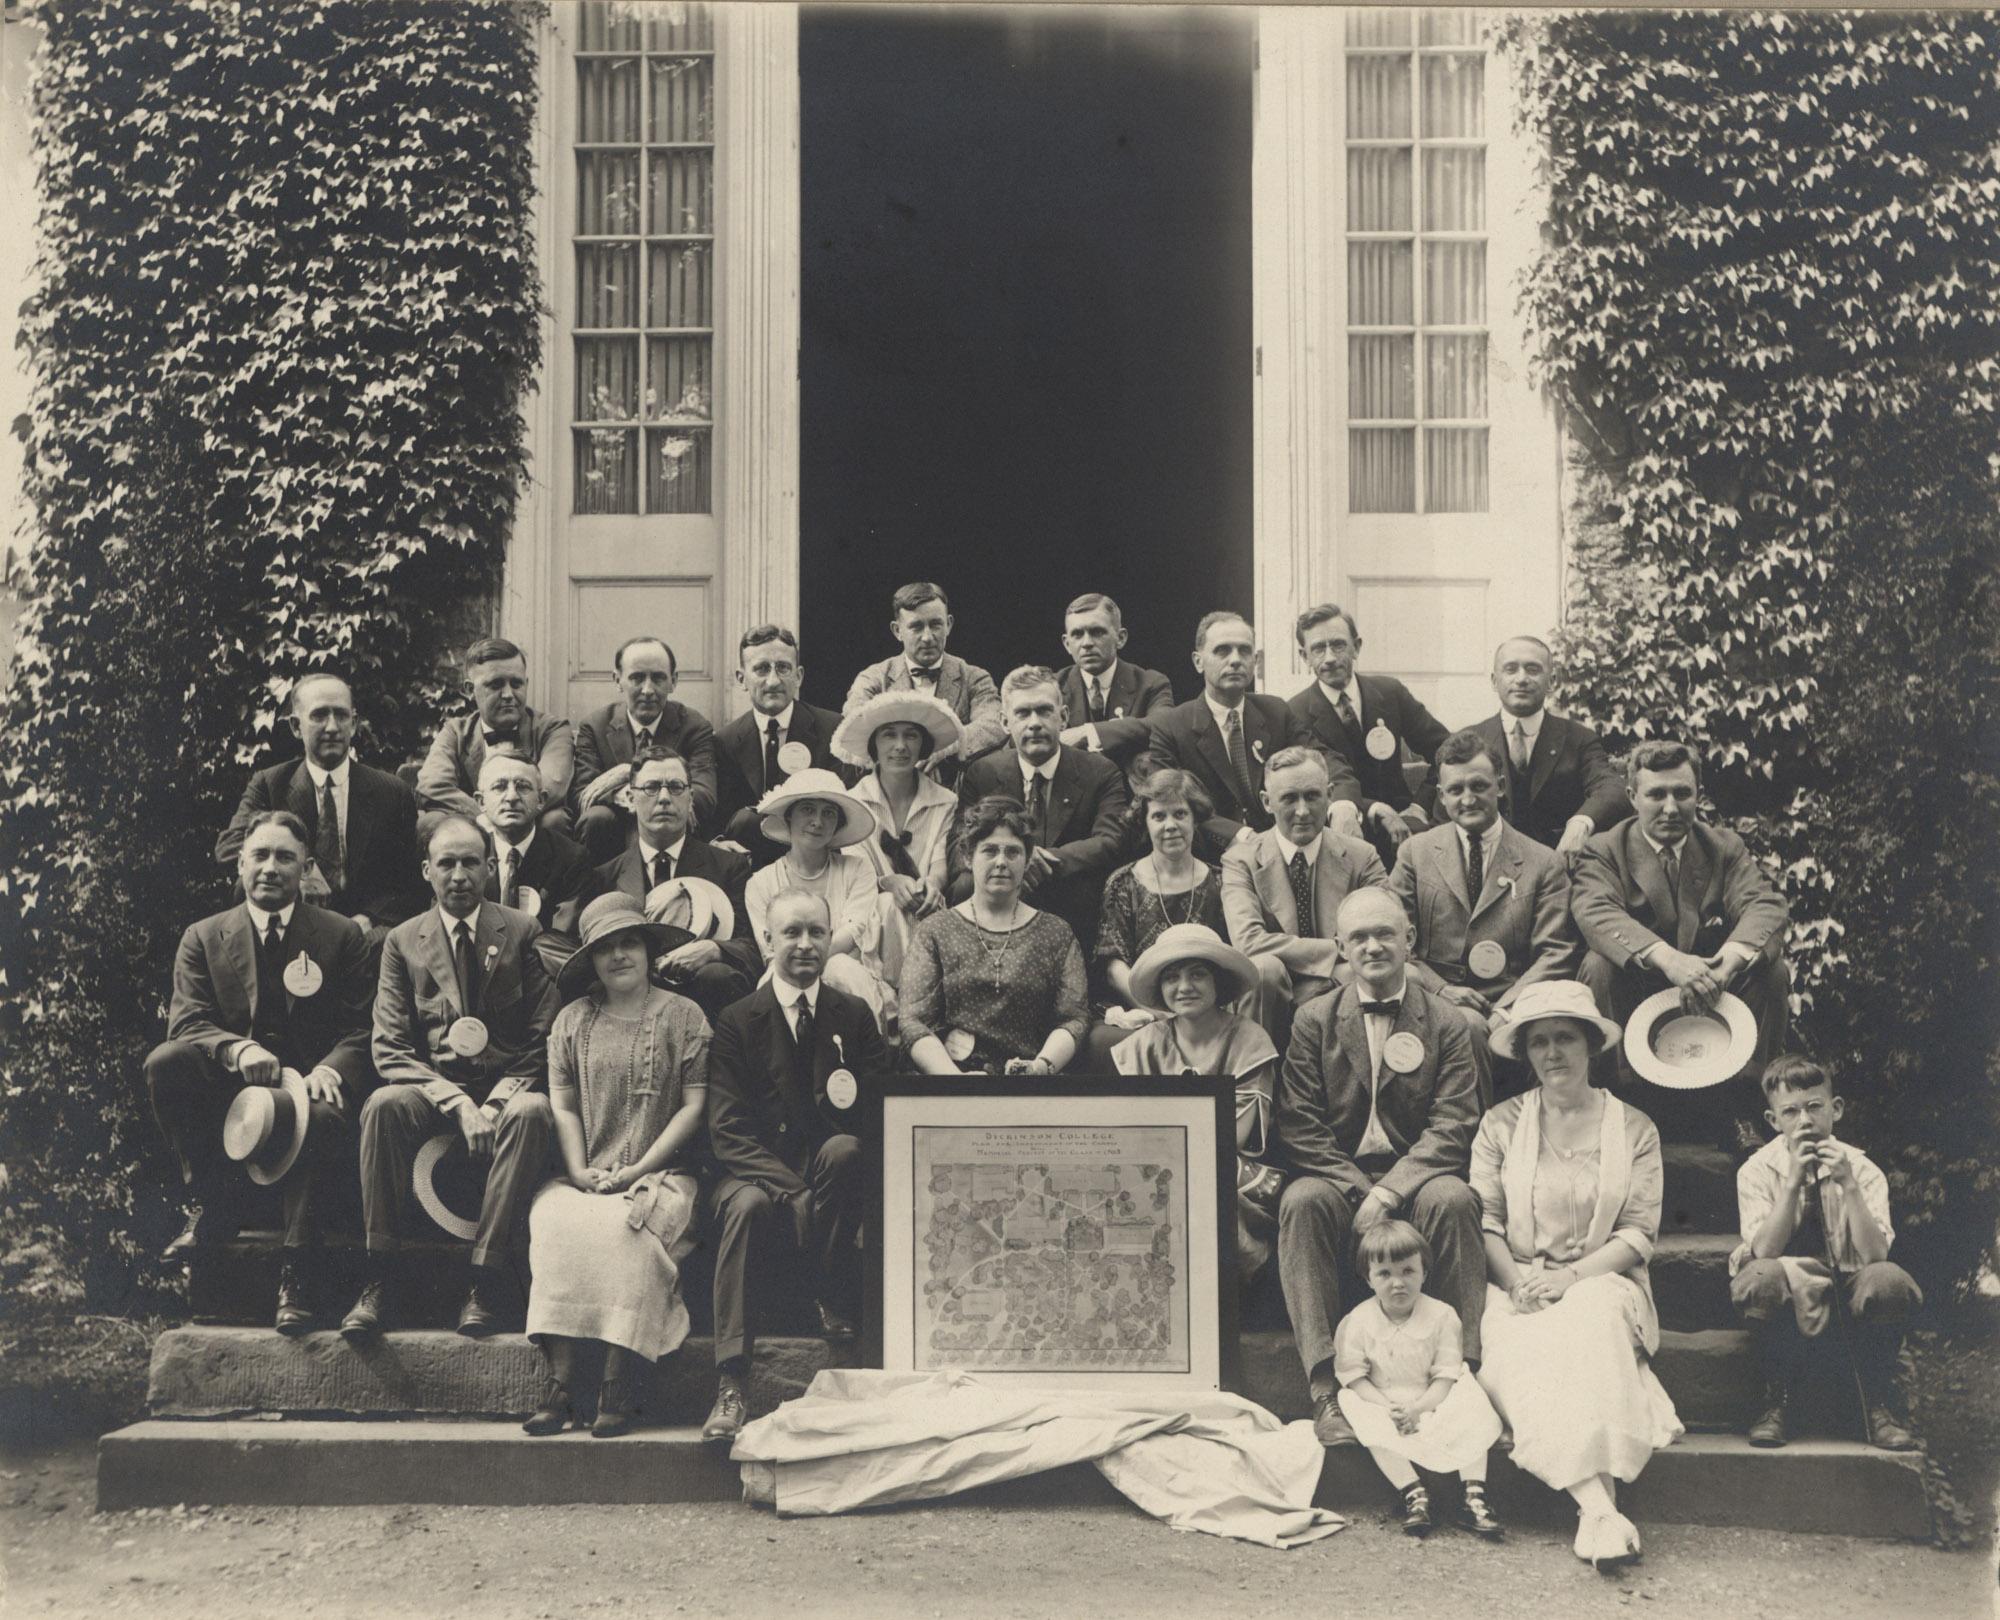 Class of 1903 reunion, 1923